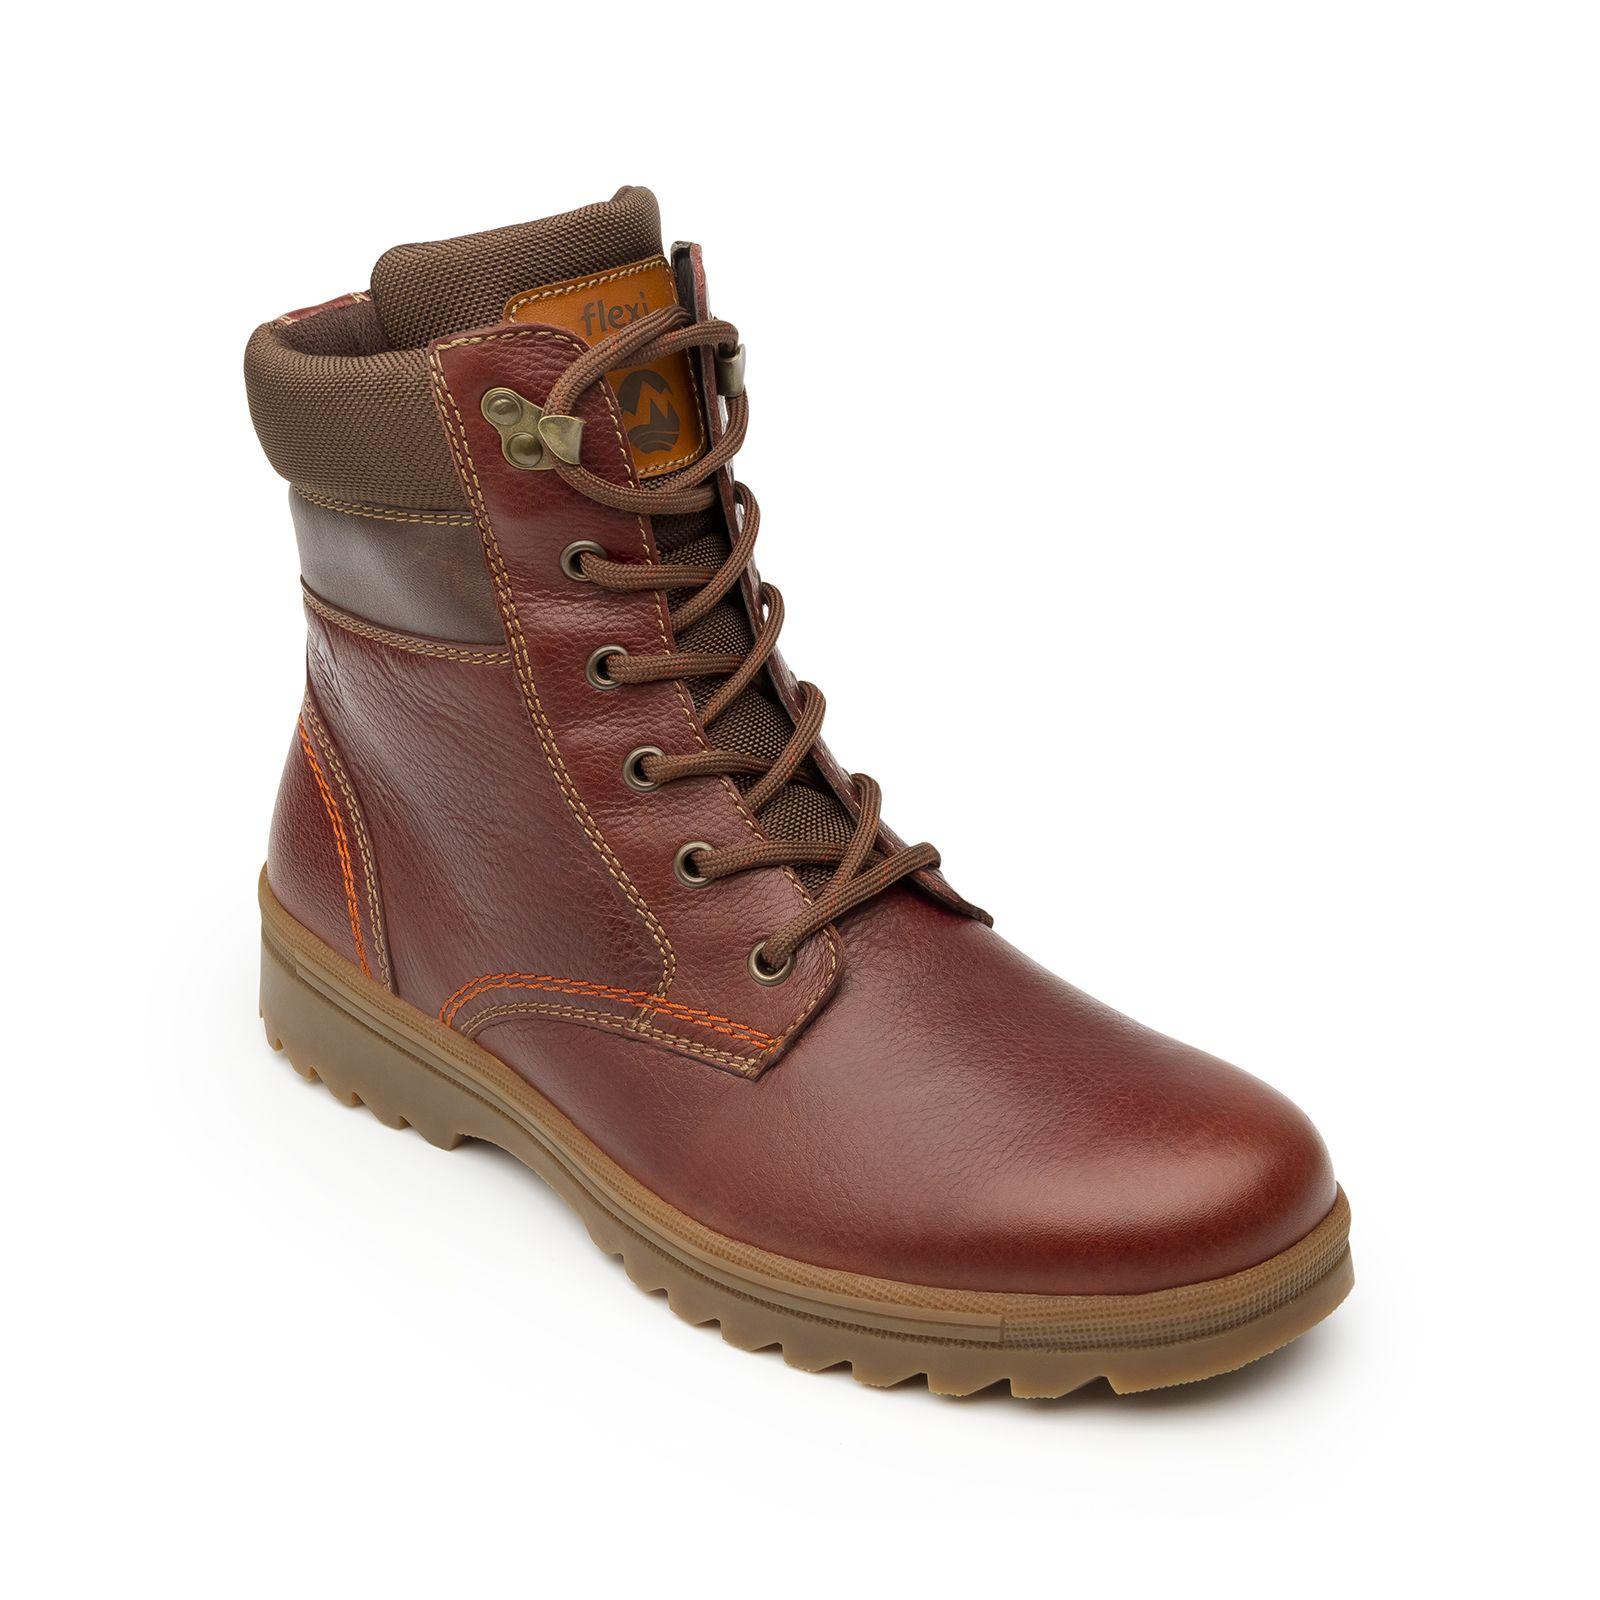 Zapatos marrones estilo militar infantiles rC8MKZ